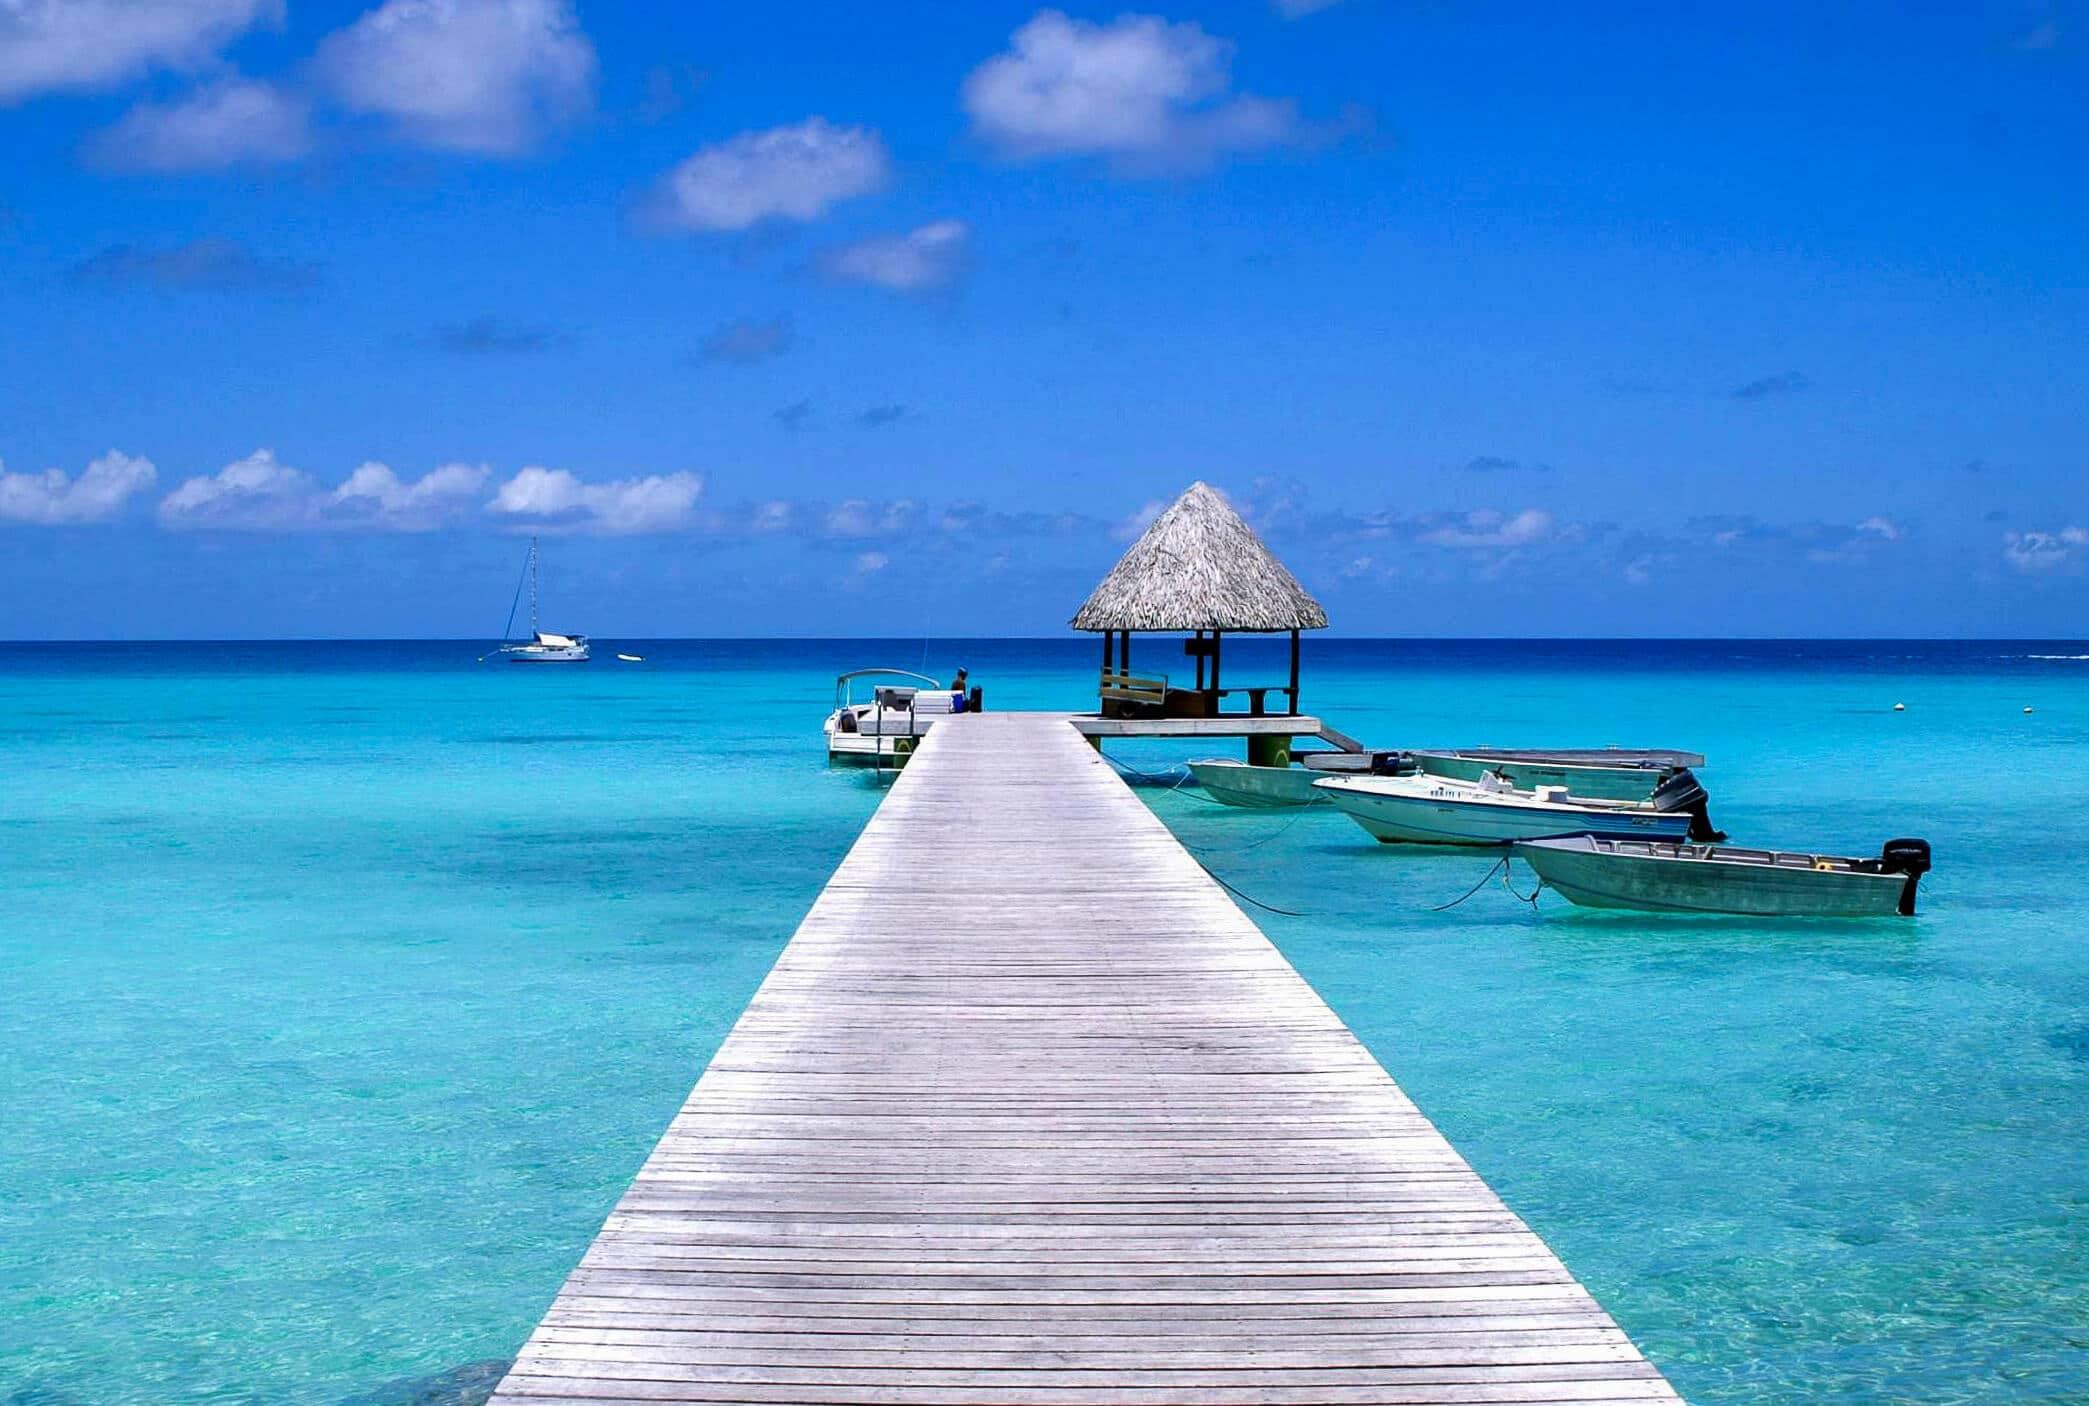 rangiroa en polynésie, un atoll de rêve